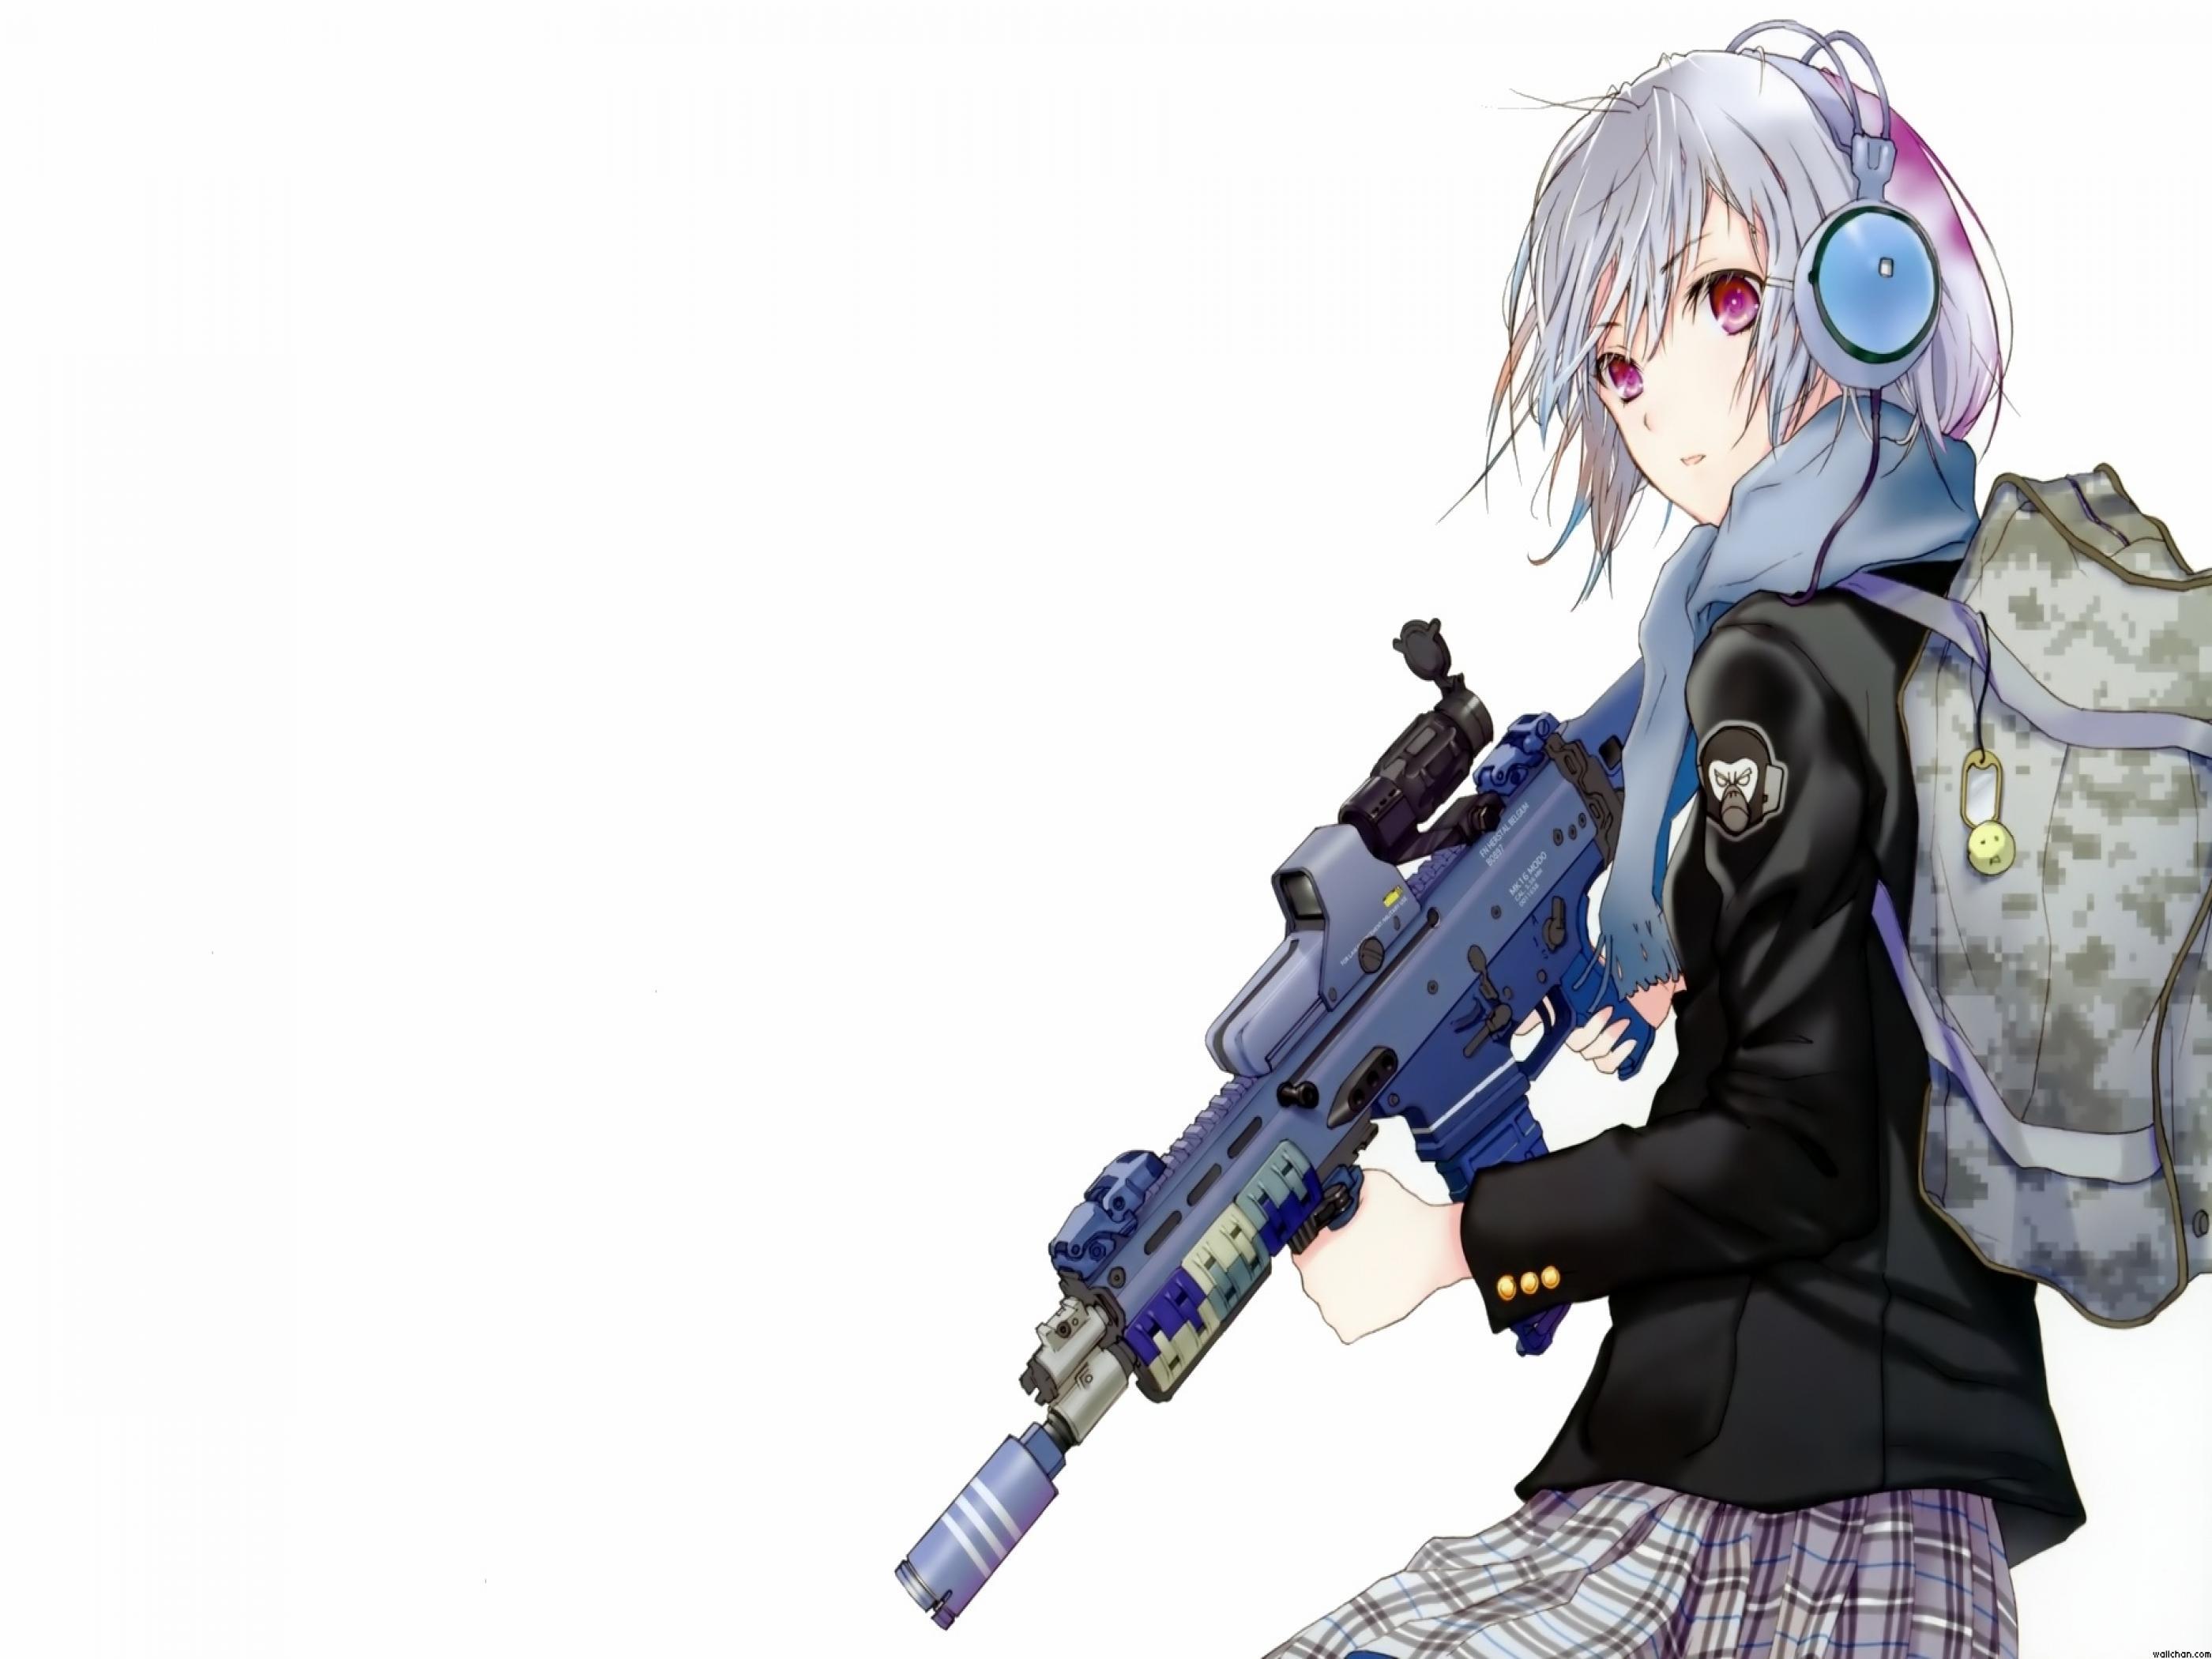 Gamer girl anime Anime Girls